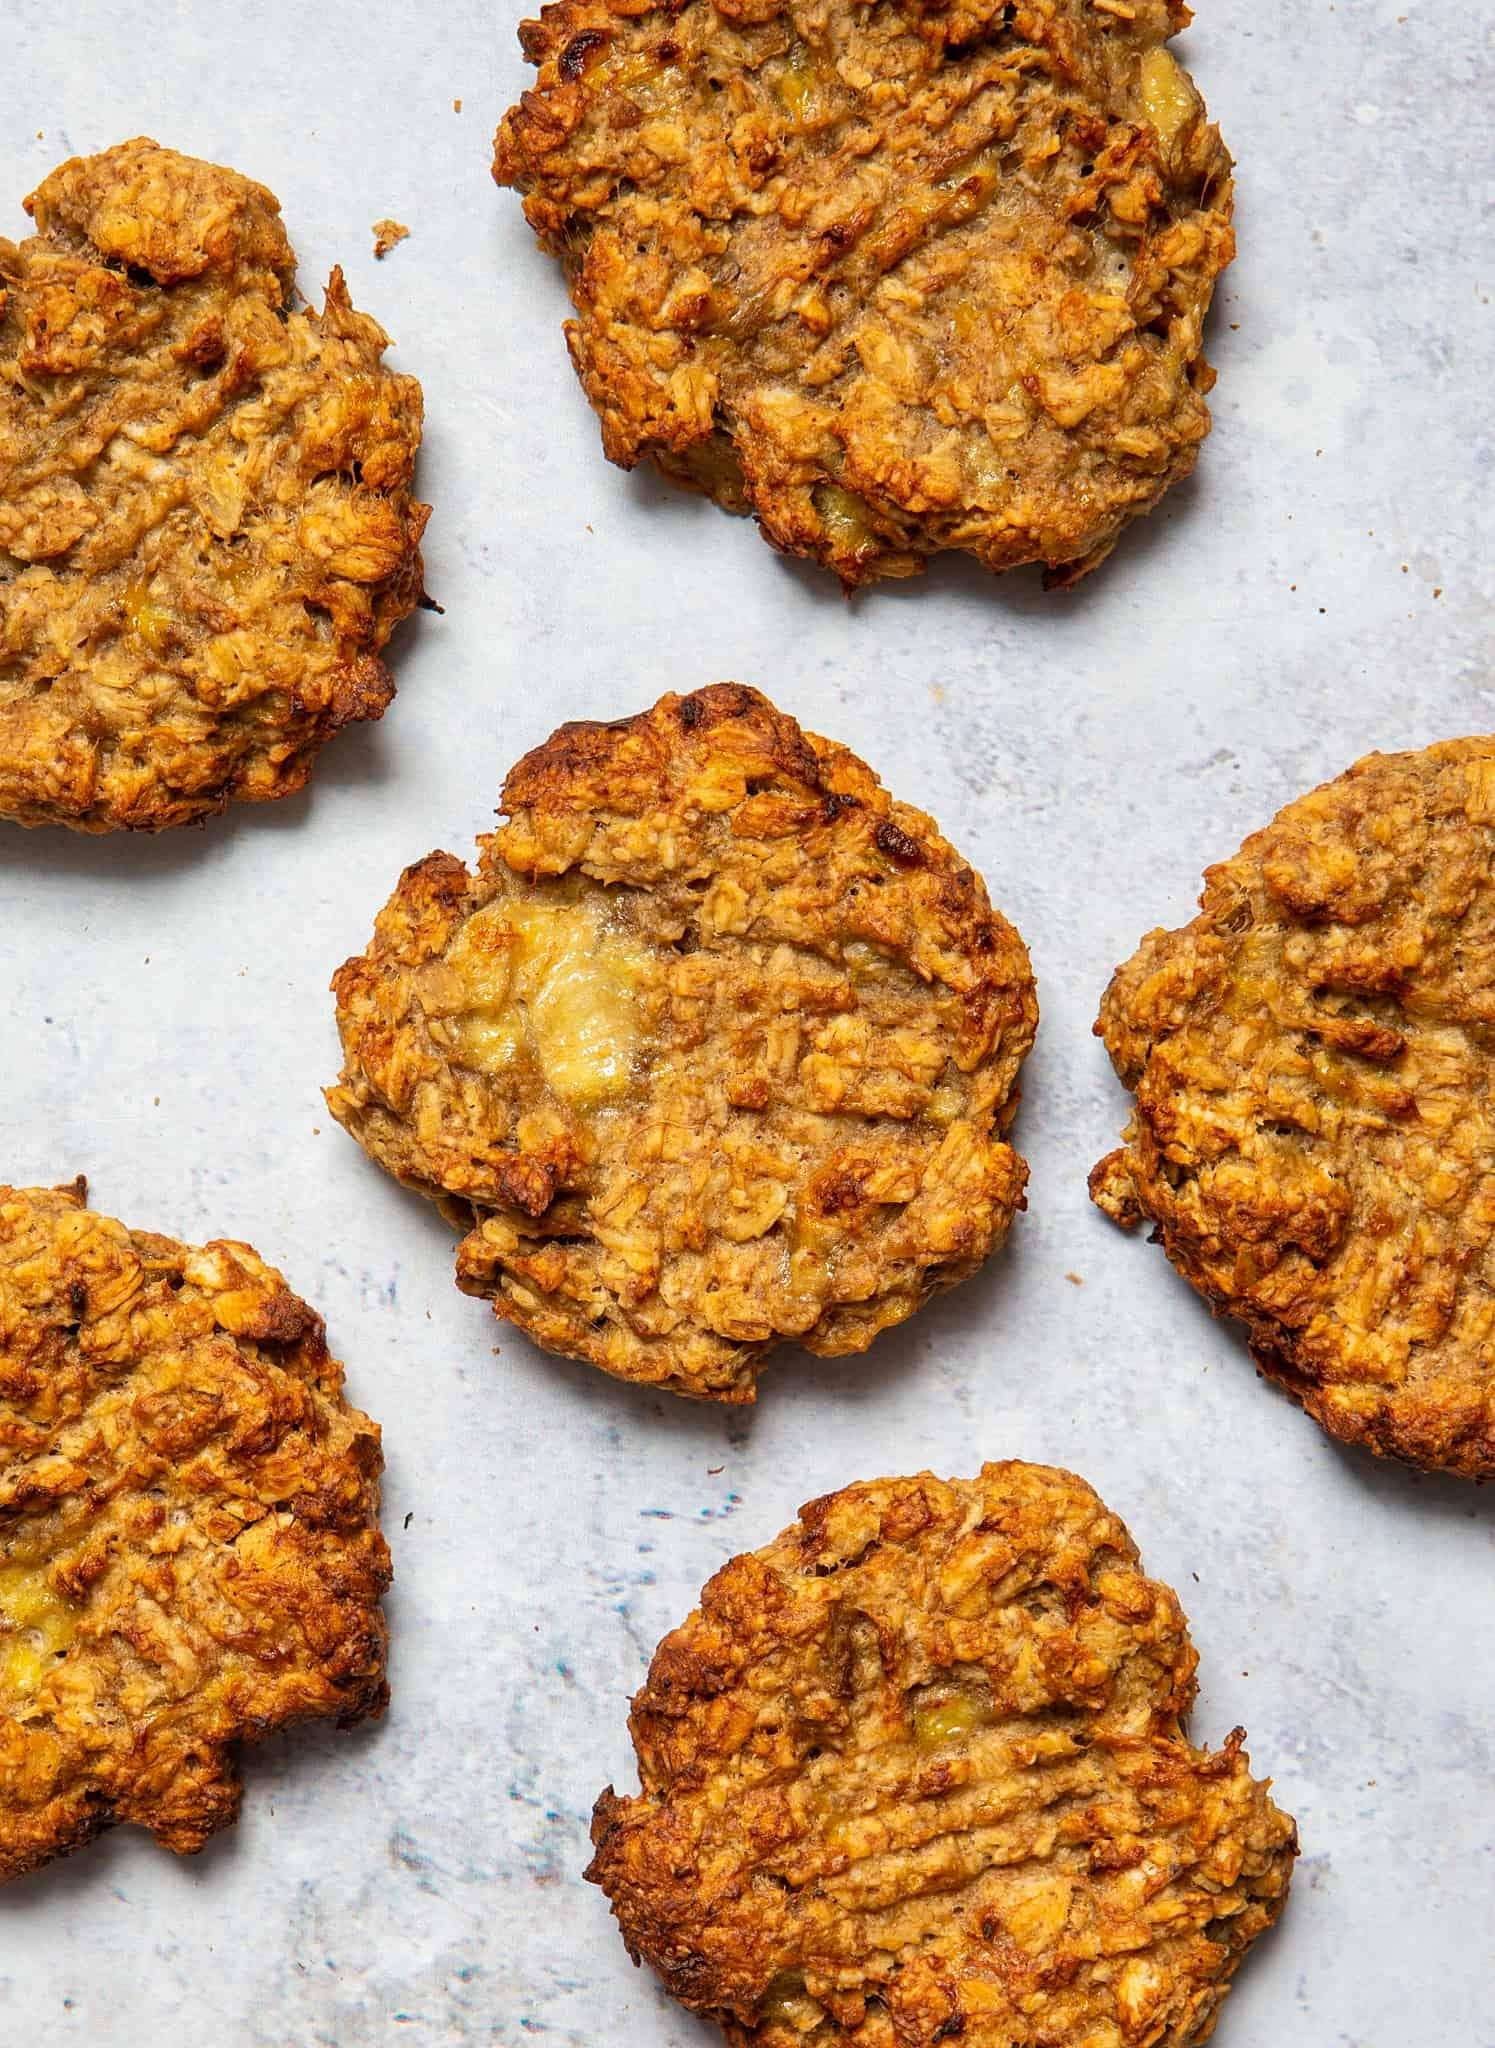 3 Ingredient Oat Cookies - Gluten-Free, Vegan, NO added sugar cookies!